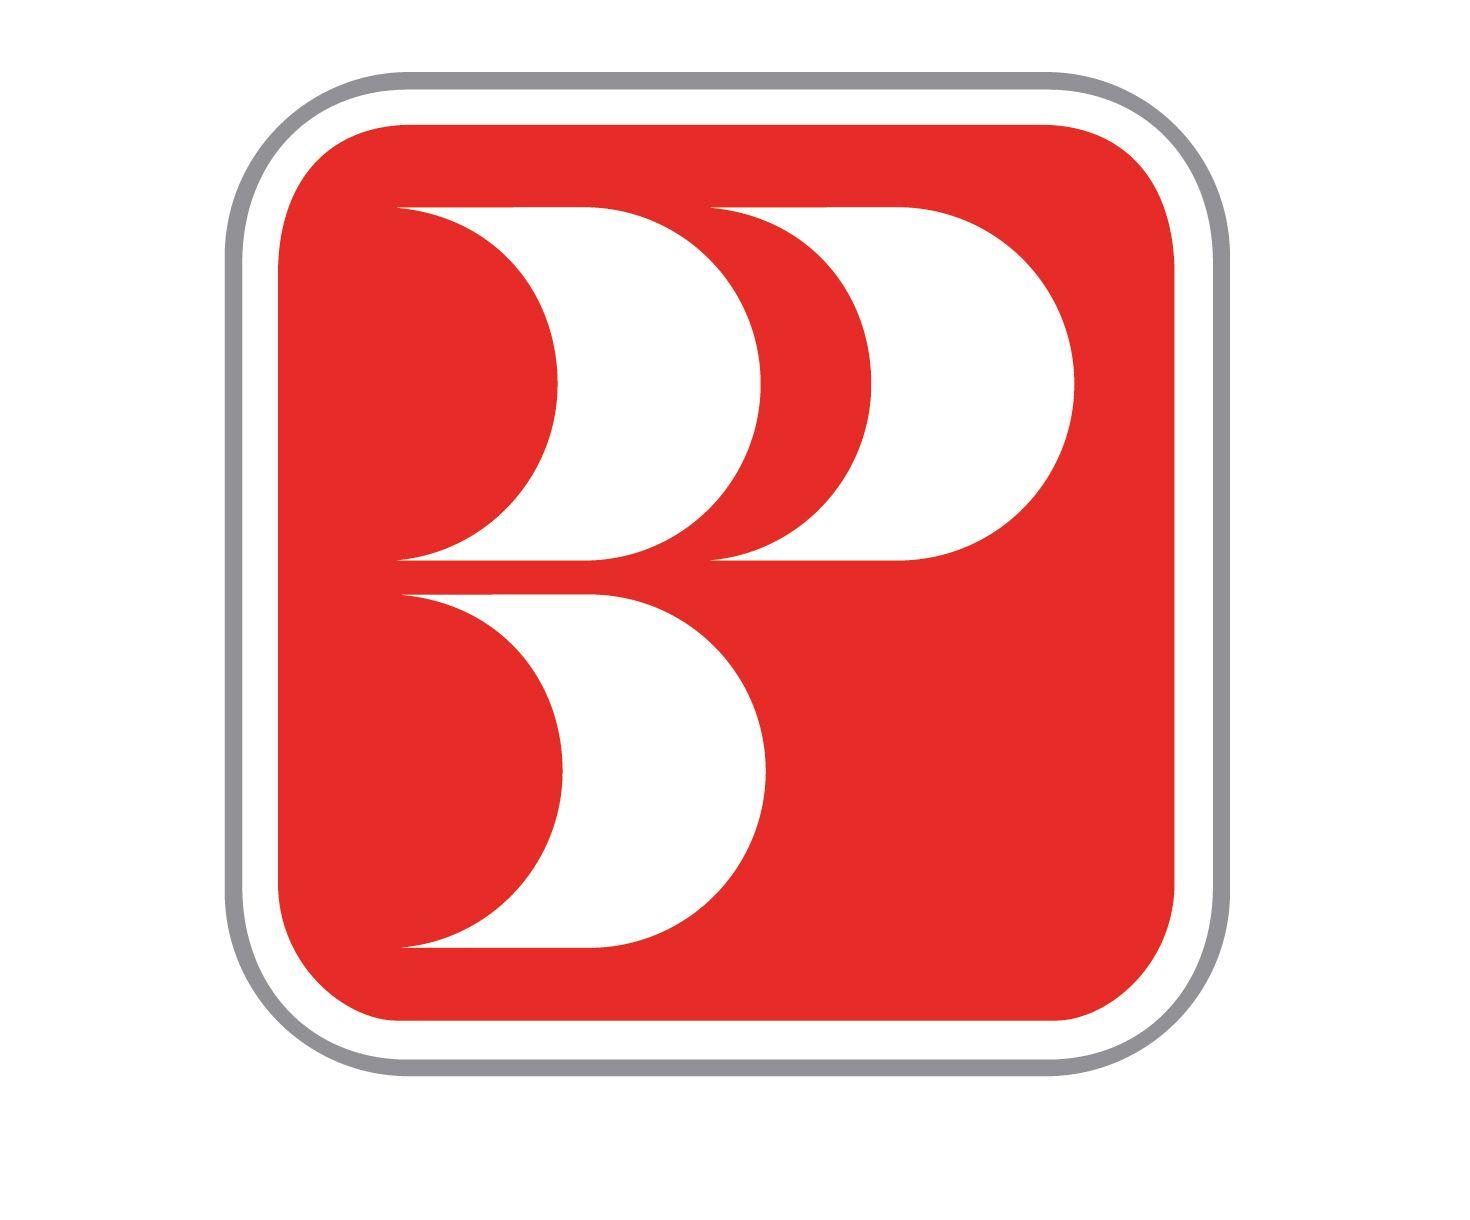 logotipo banca popolare di cividale